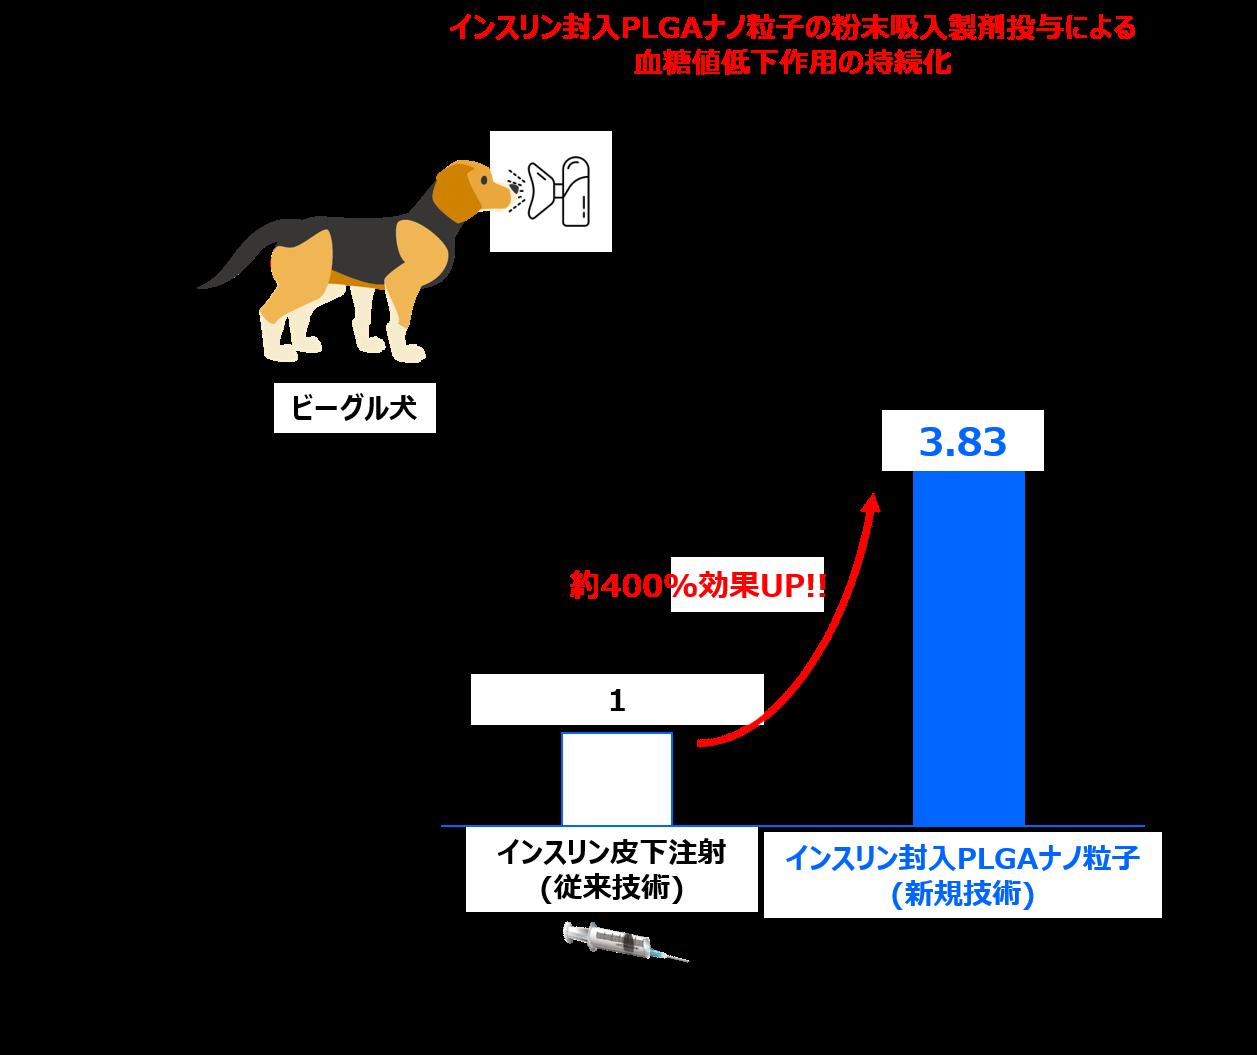 インスリン封入PLGAナノ粒子の吸入製剤投与による血糖値低下作用の持続化